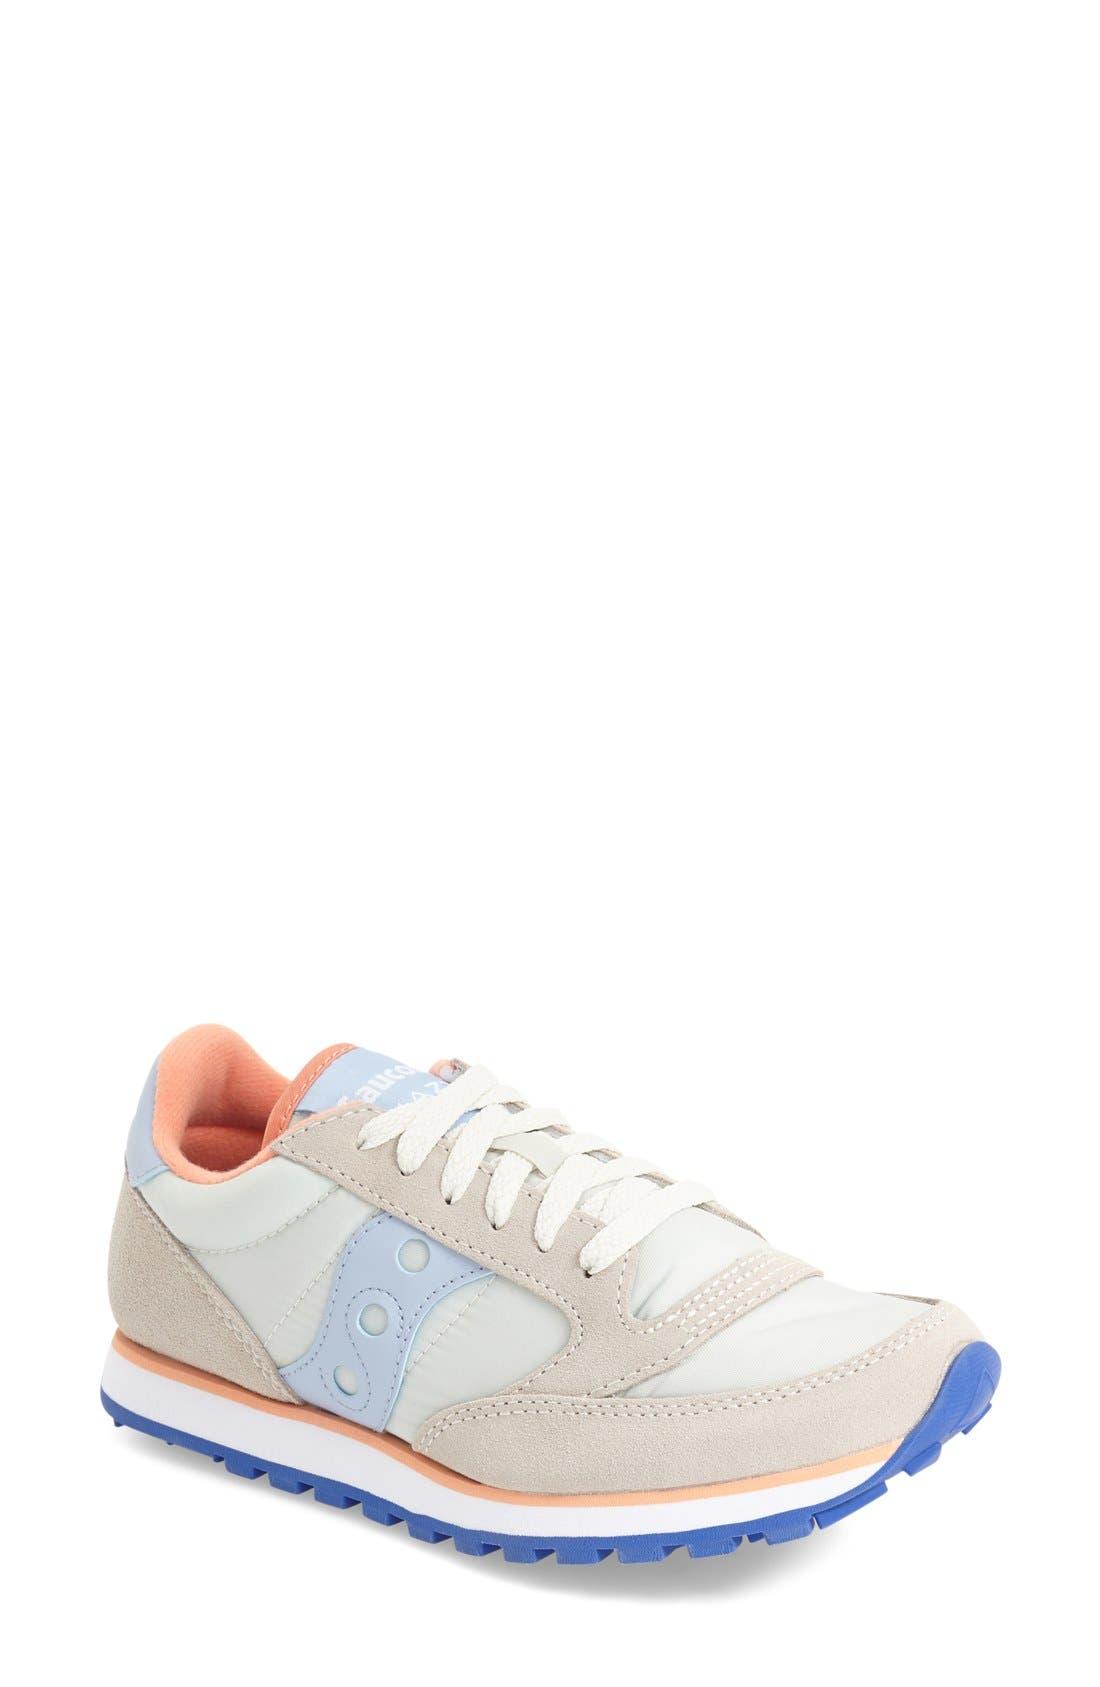 Main Image - Saucony 'Jazz - Low Pro' Sneaker (Women)